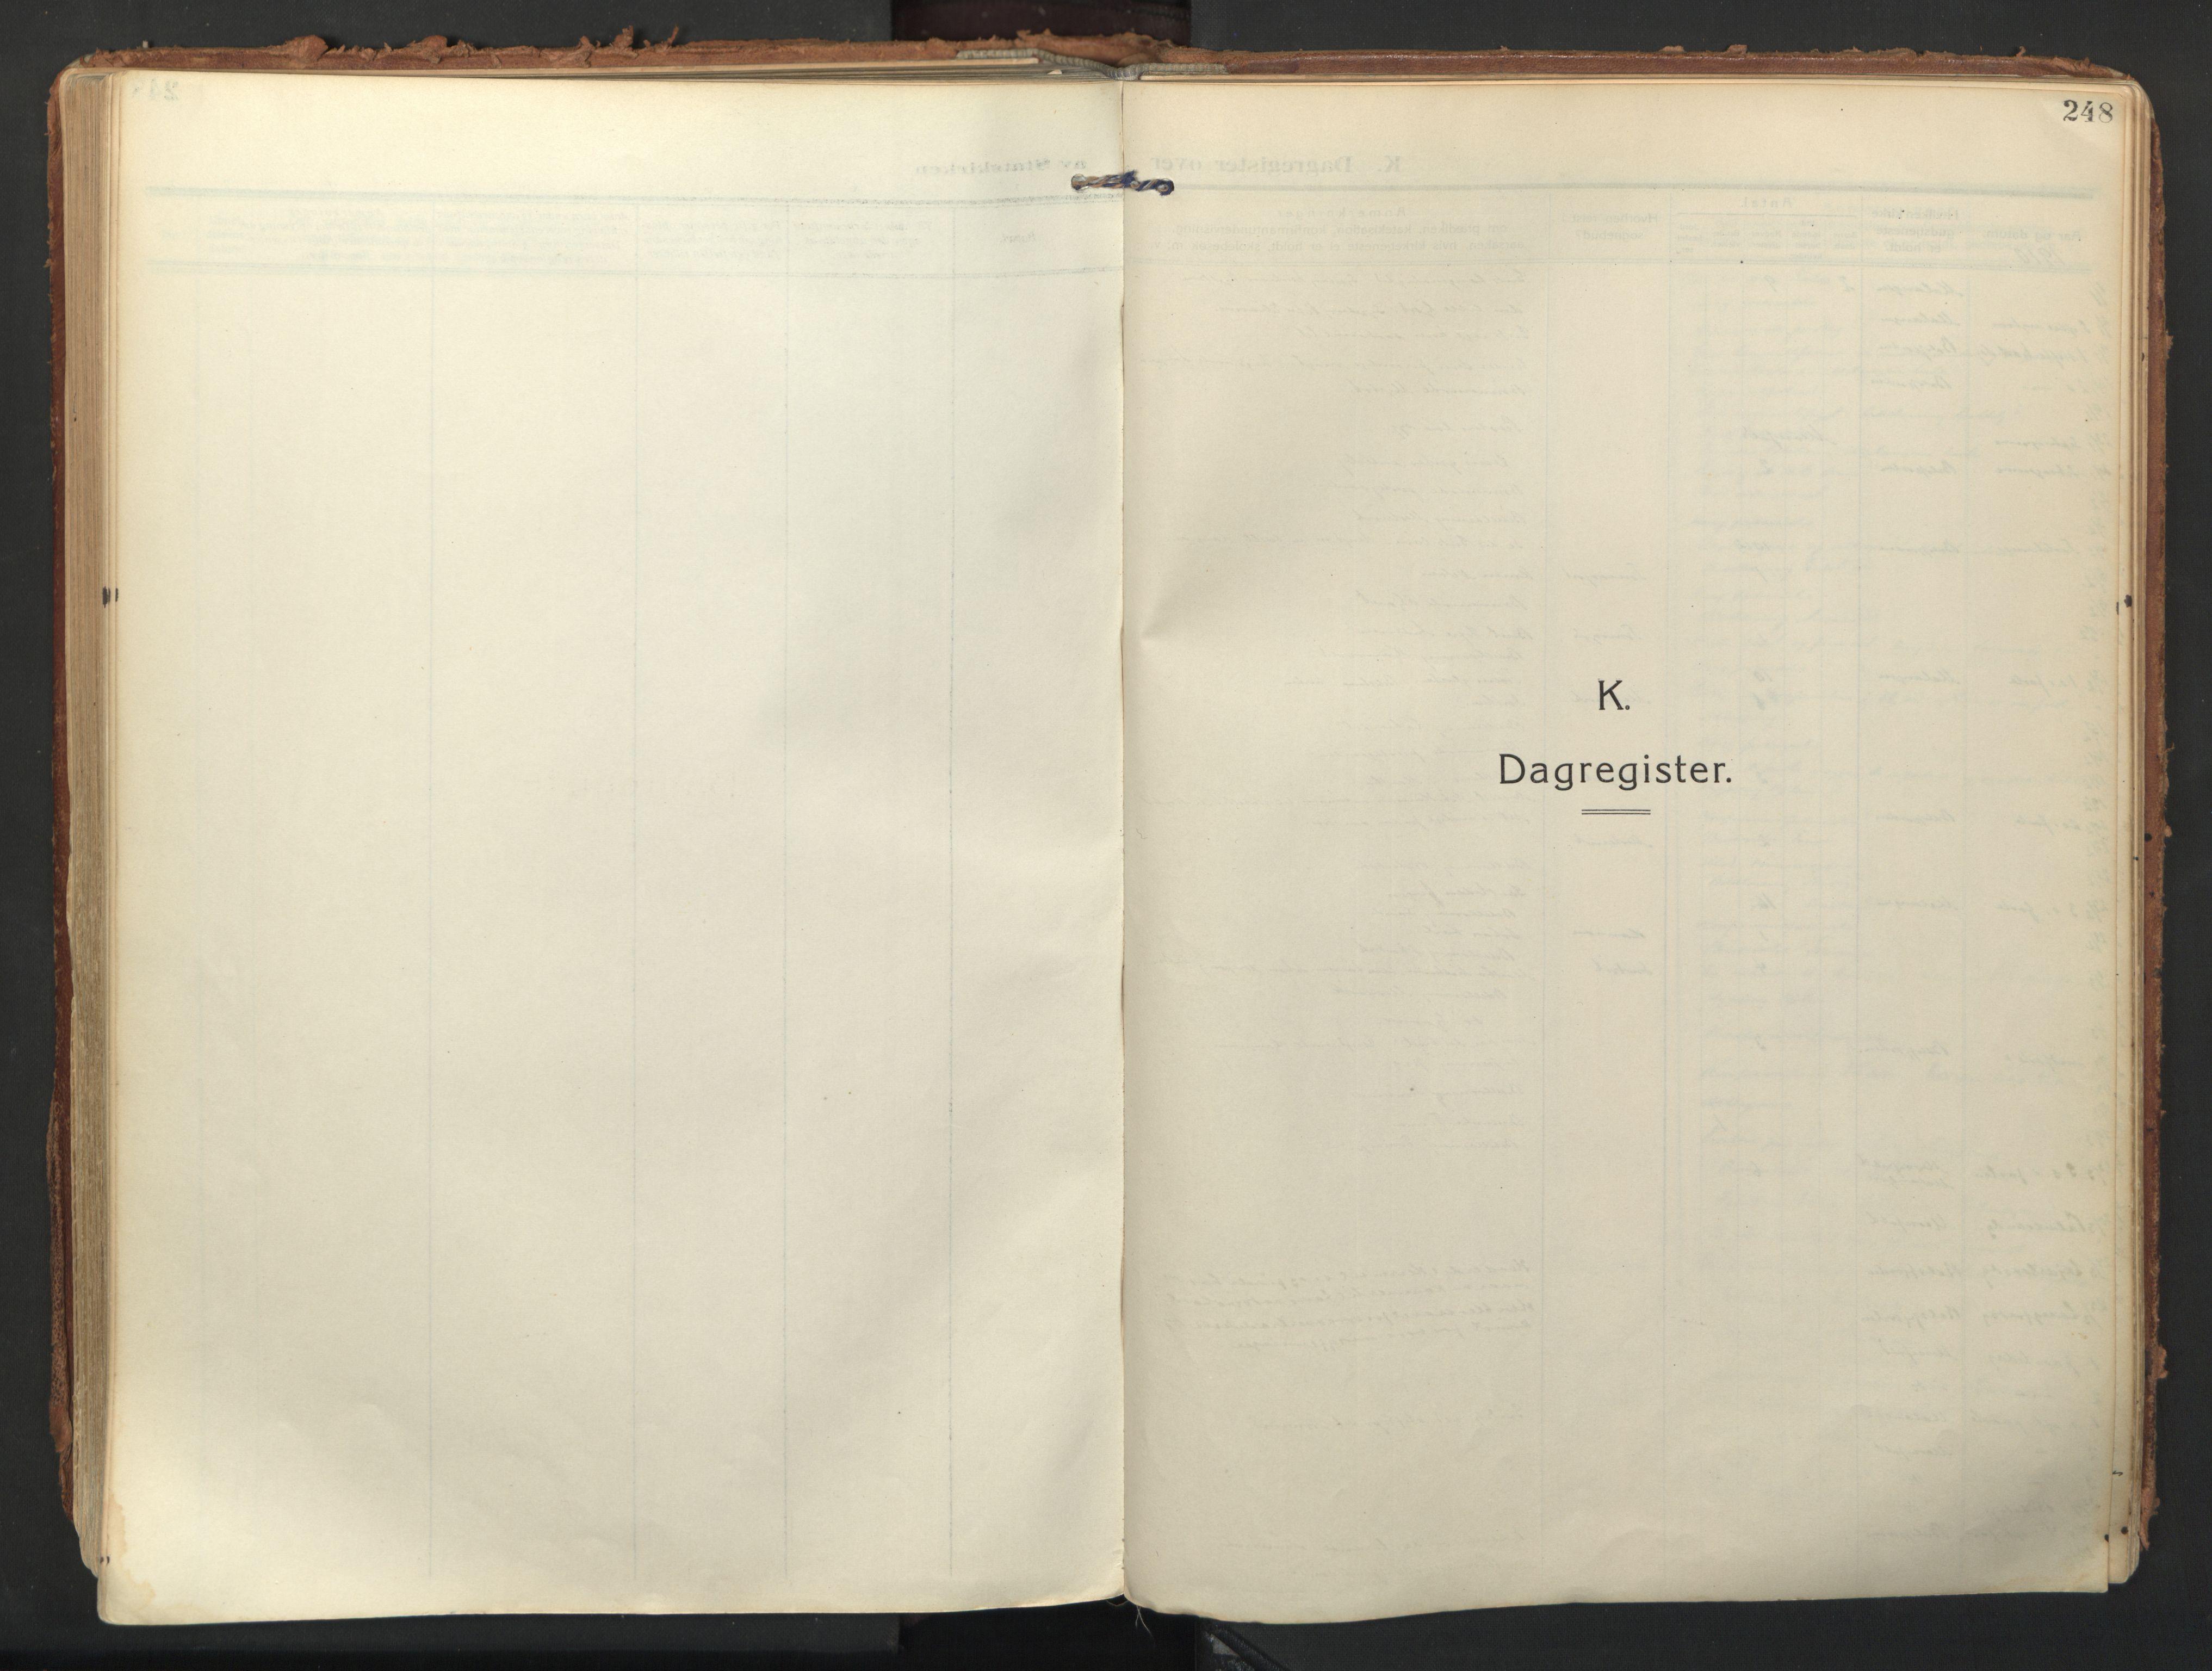 SATØ, Balsfjord sokneprestembete, Ministerialbok nr. 9, 1909-1921, s. 248